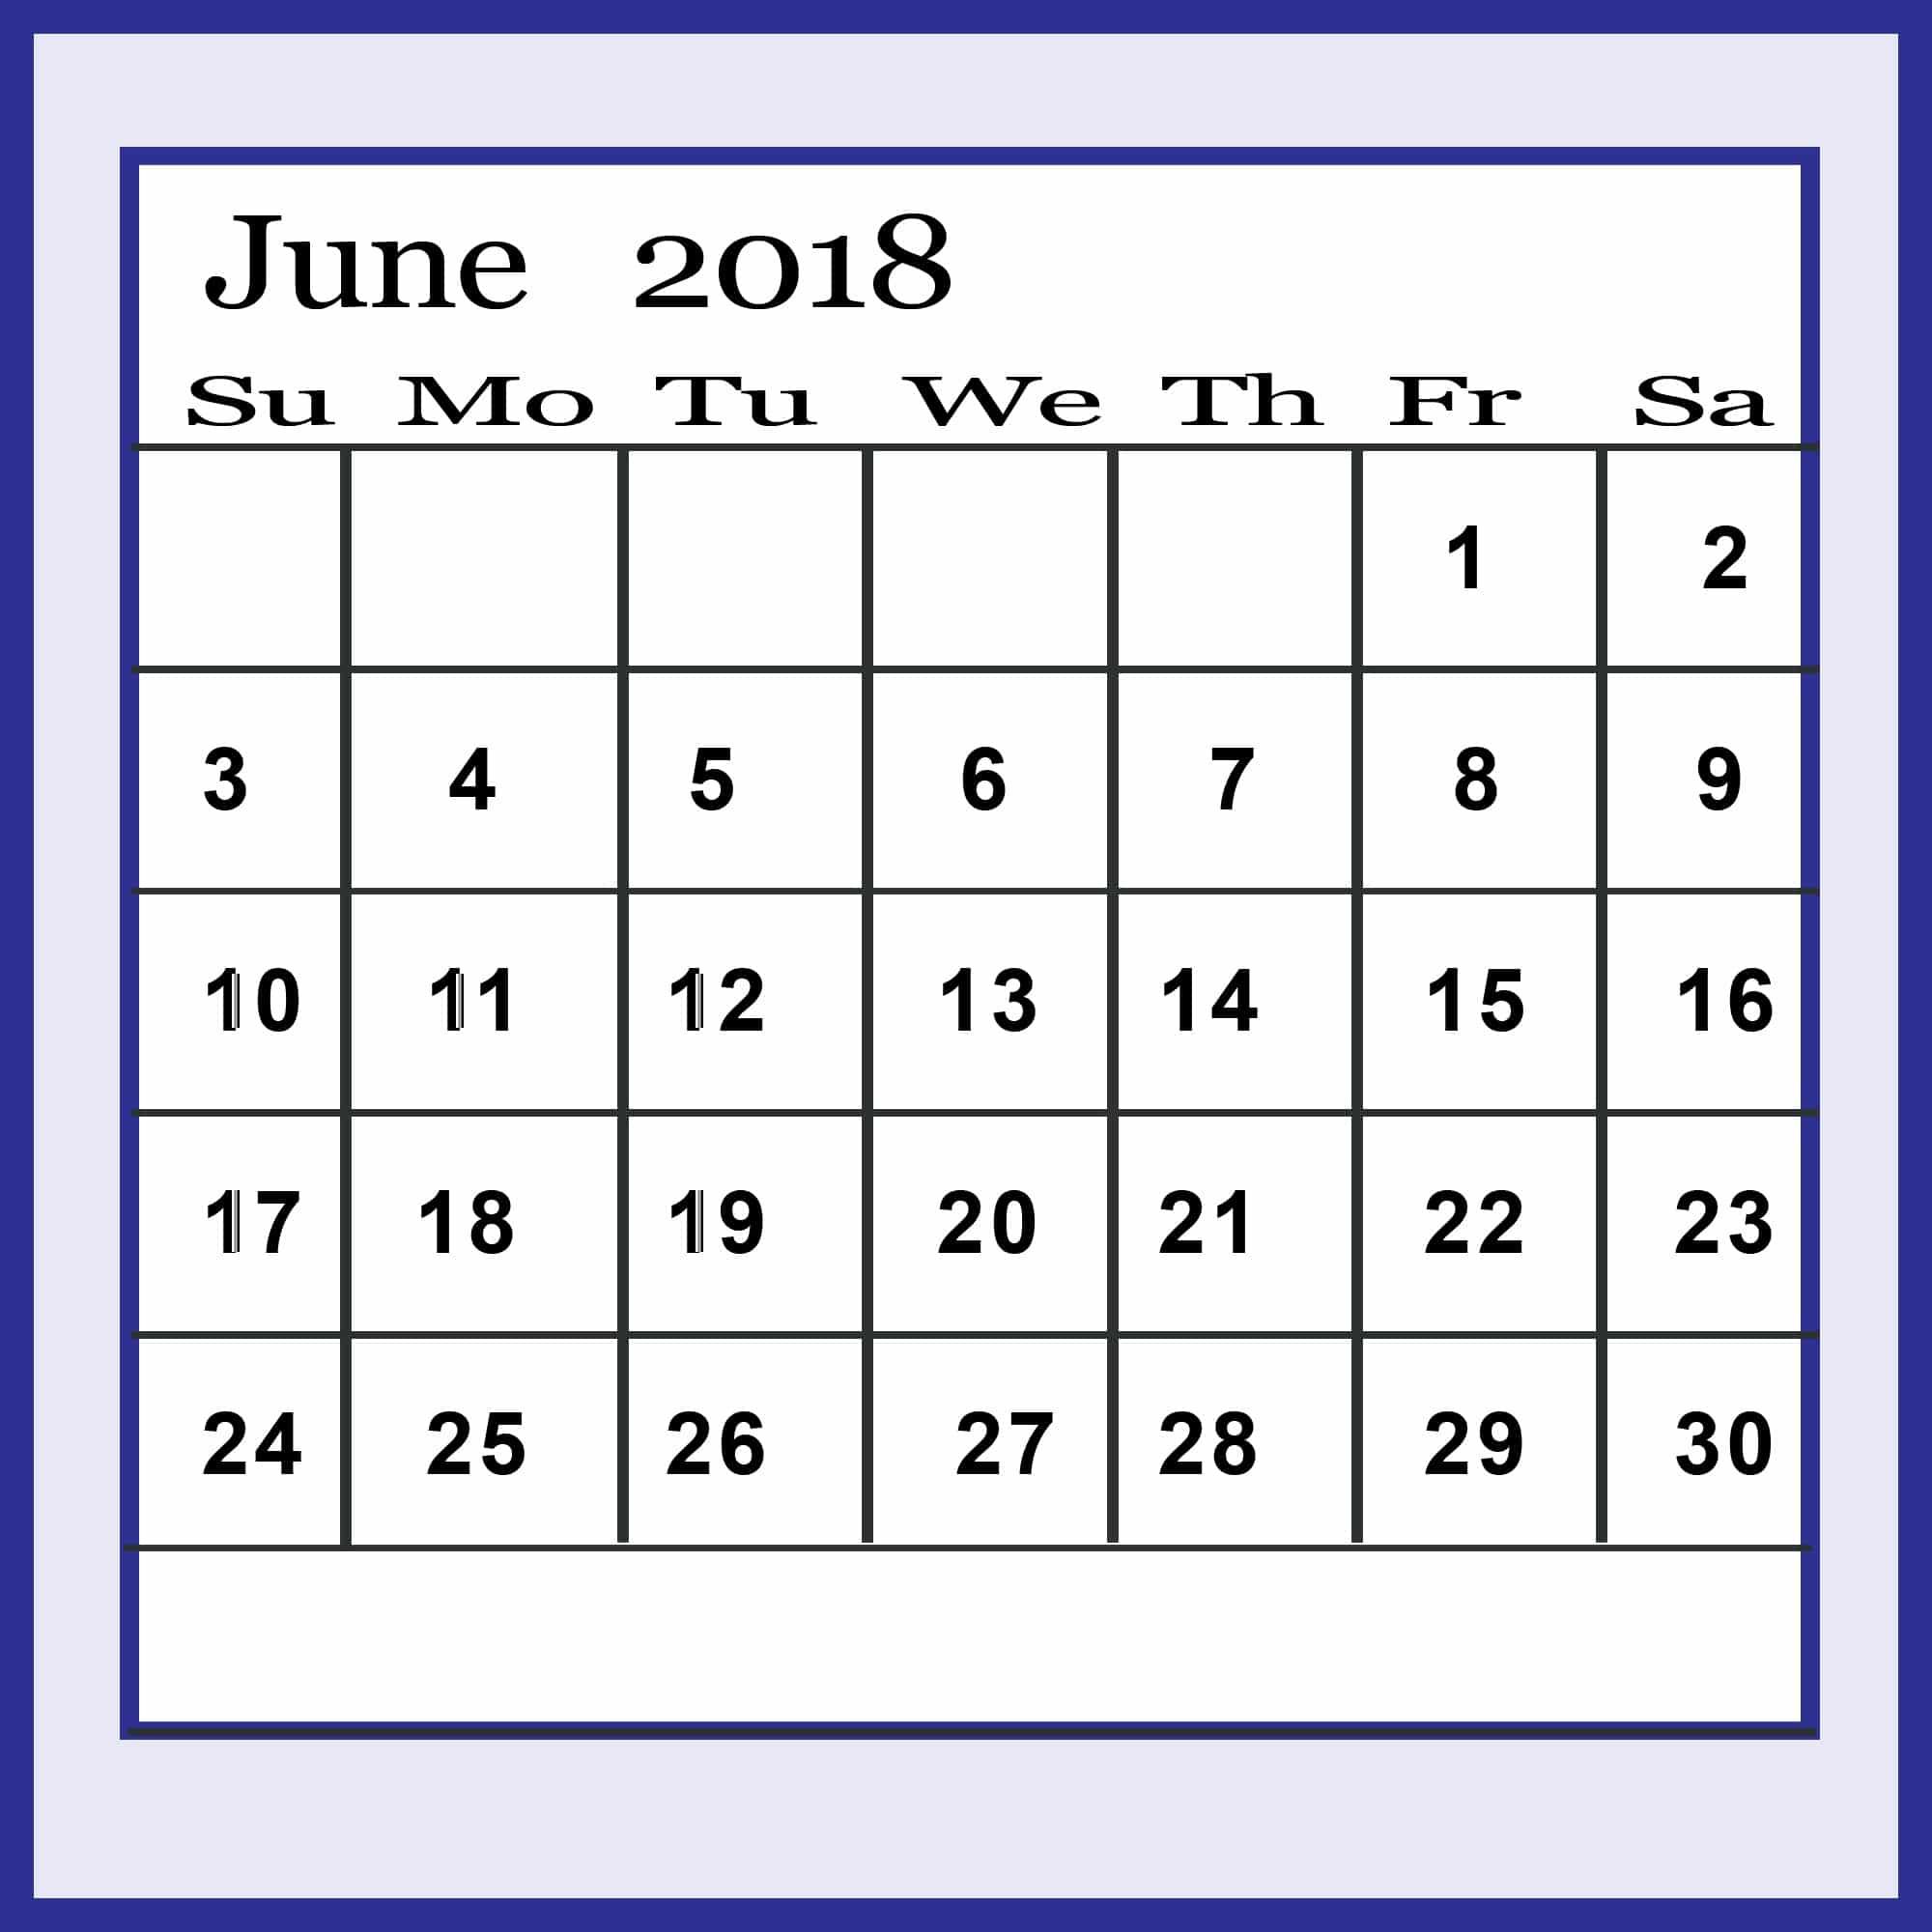 June Calendar 2018 Printable Landscape - Oppidan Library